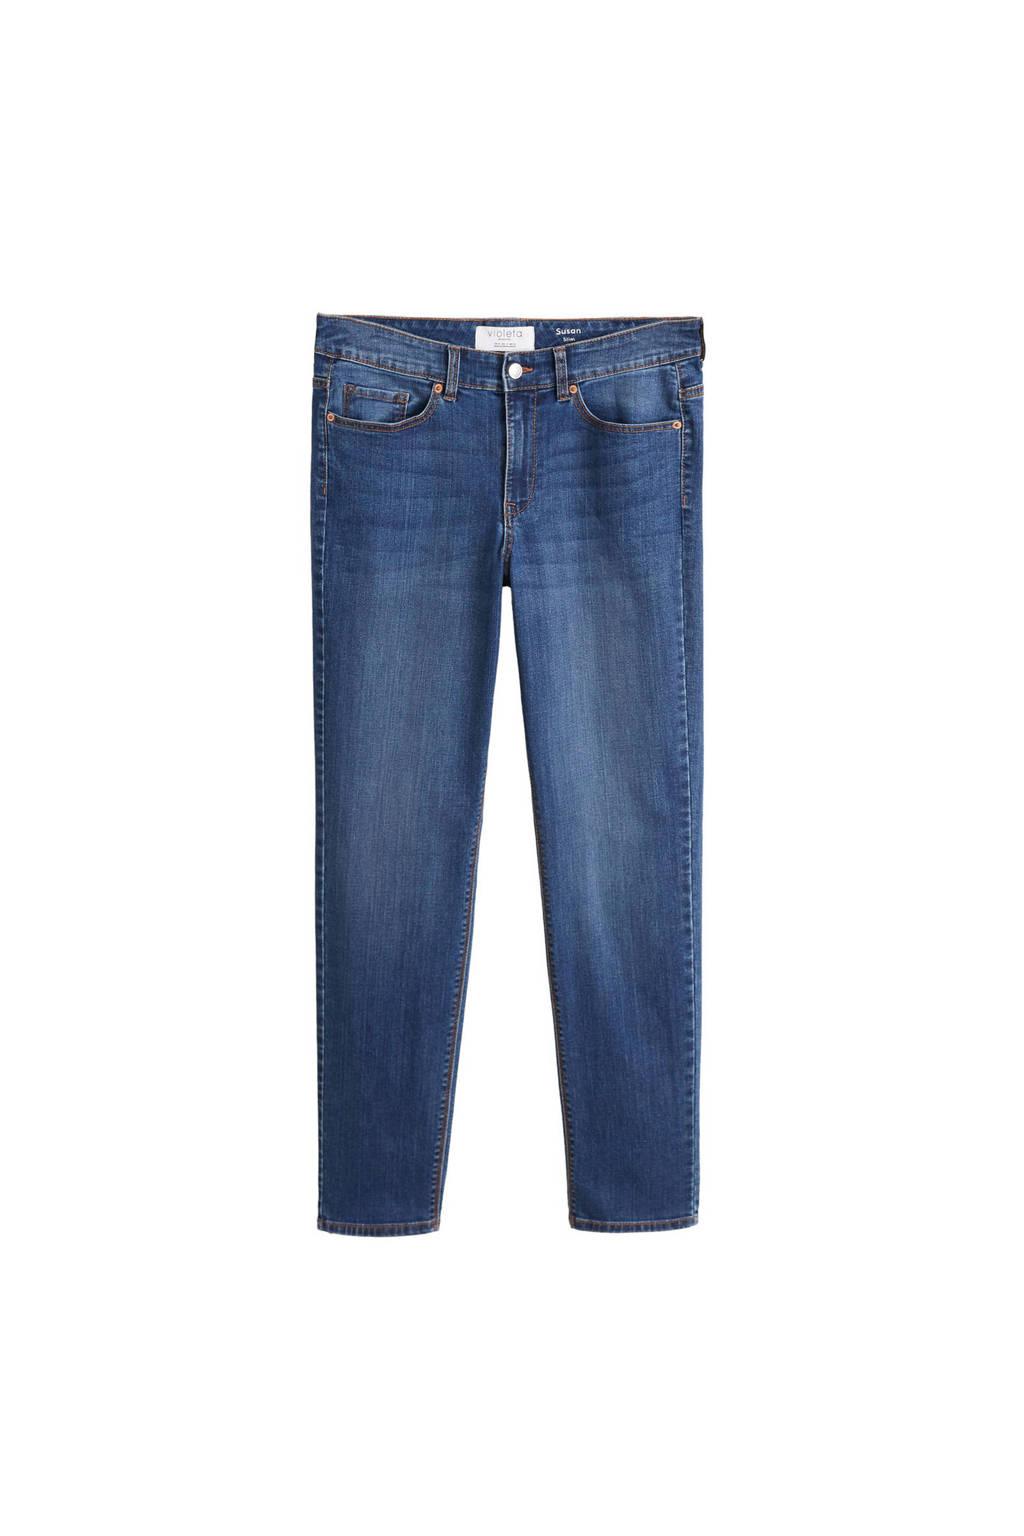 Violeta by Mango jeans, Blauw